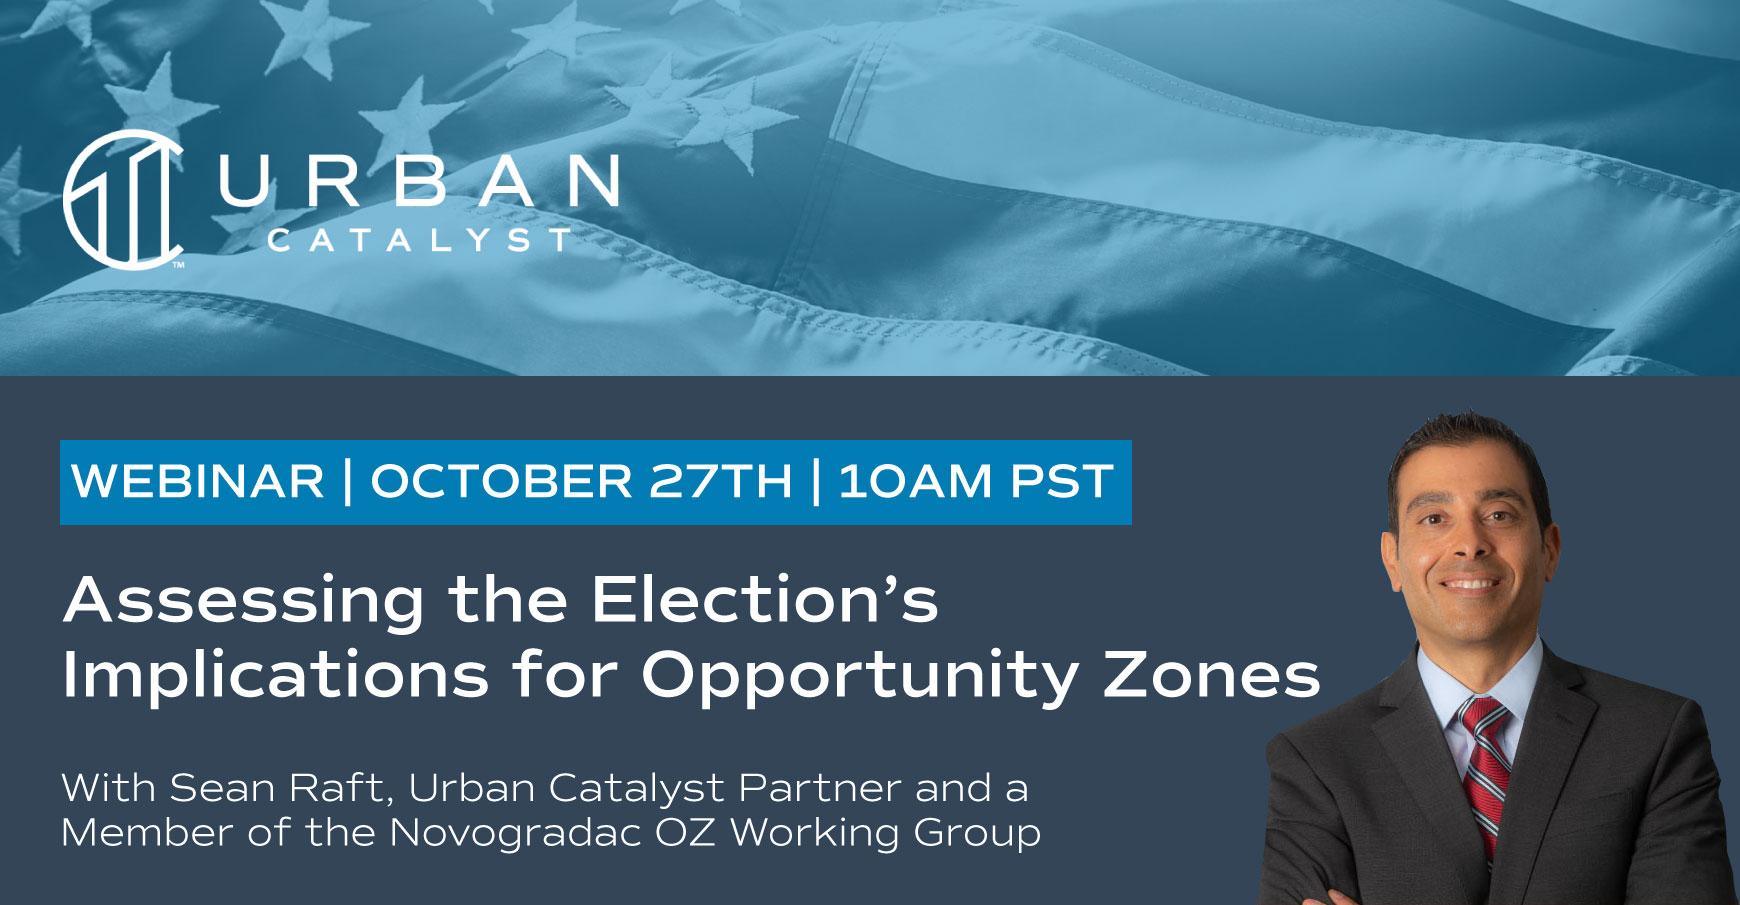 Sean-Q&A-Election-Webinar-2